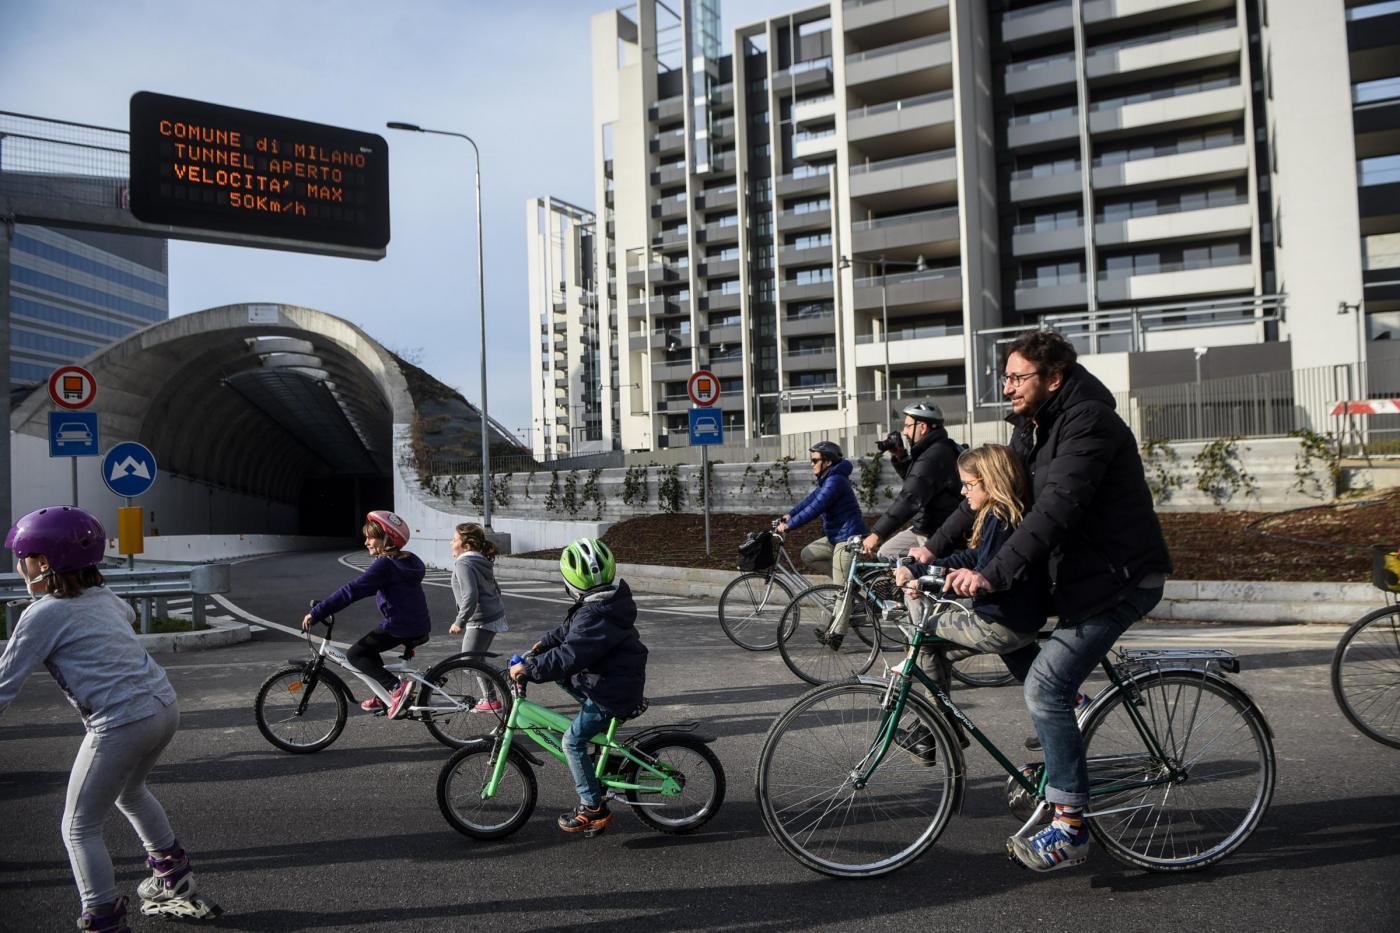 Aperto al traffico il tunnel di Via Gattamelata, piccola protesta di genitori della zona e associazioni di ciclisti